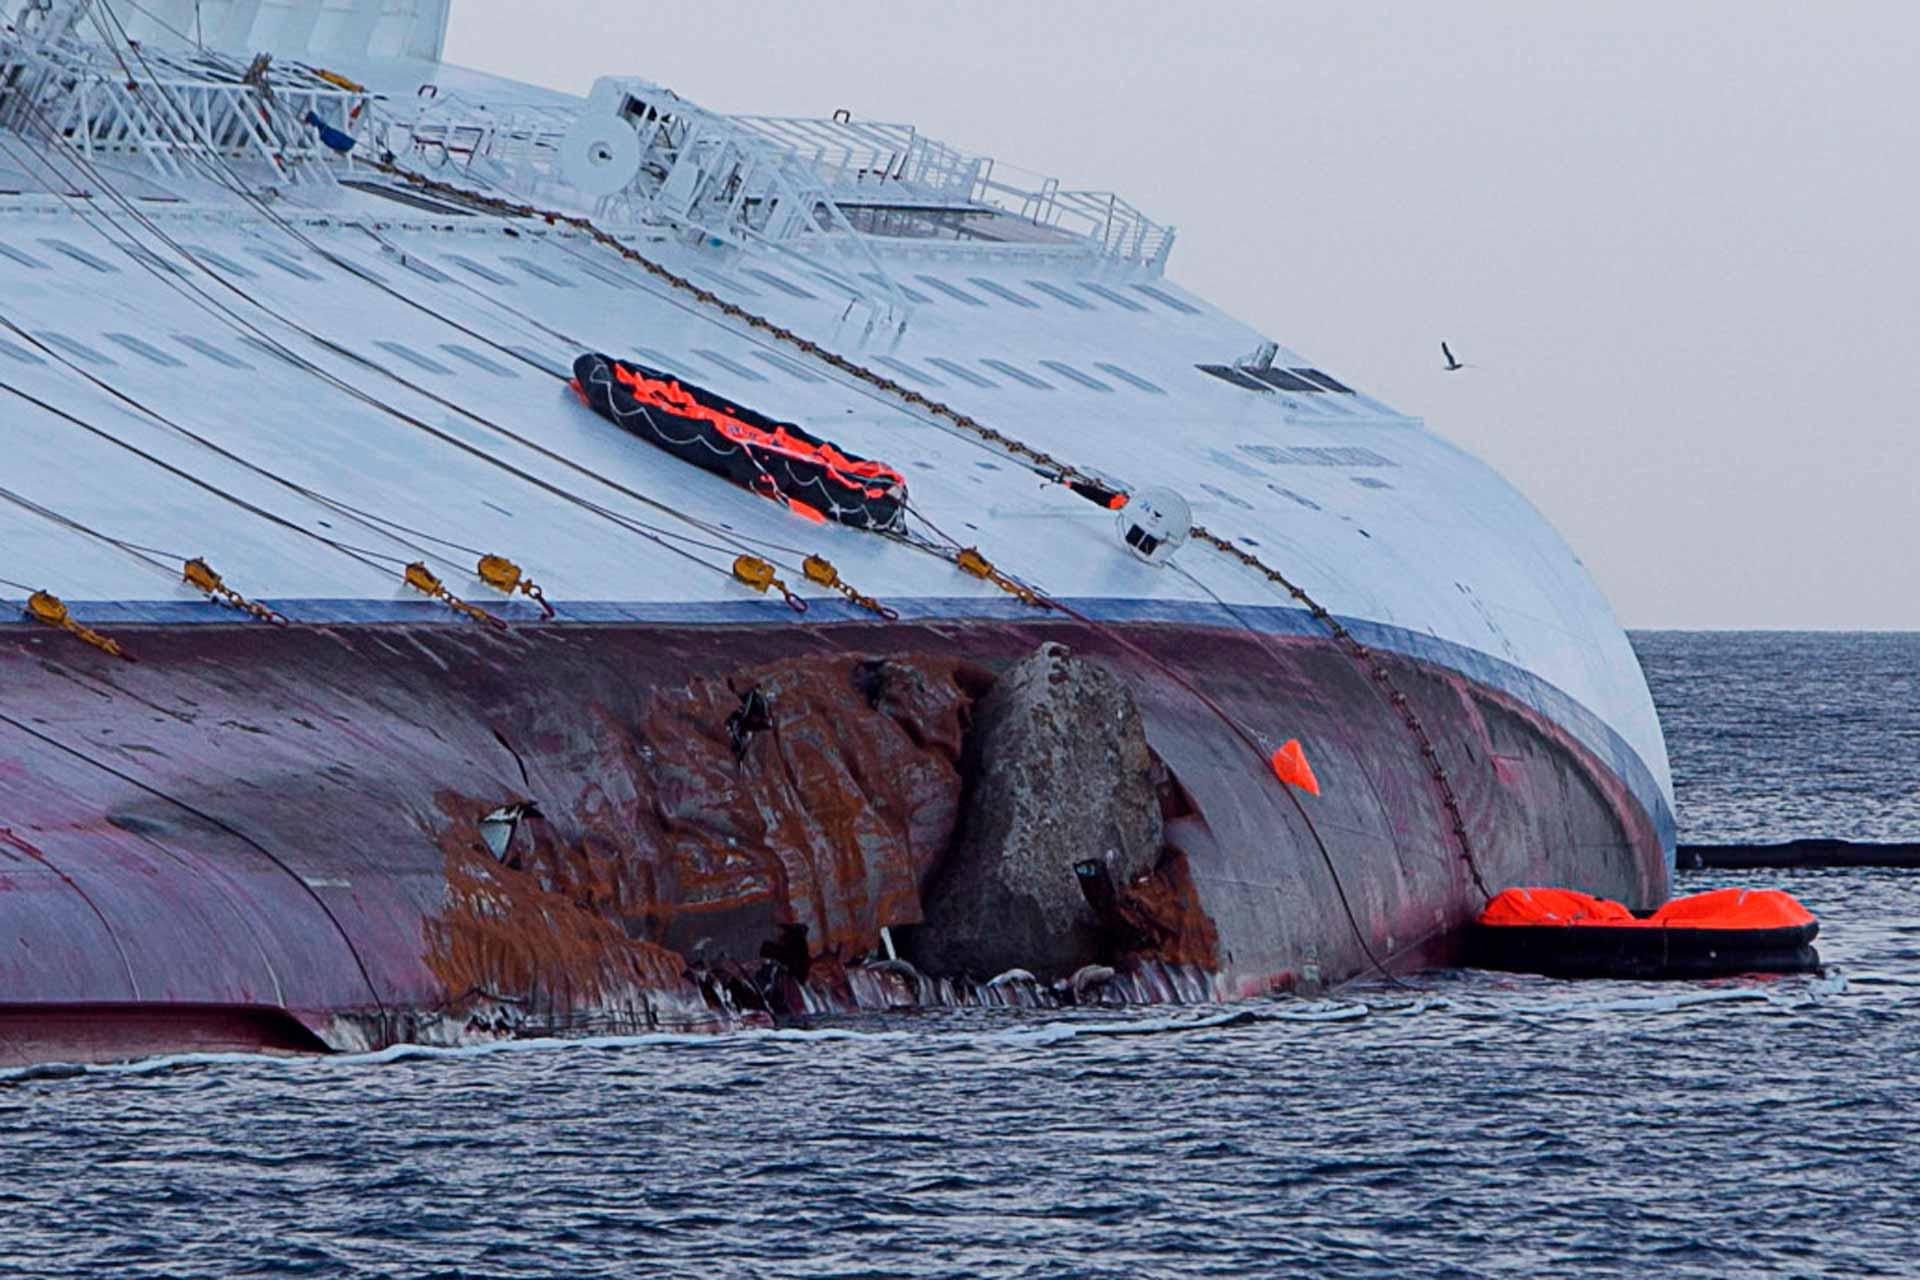 La roccia che ha squarciato per 70 metri la fiancata sinistra della nave, strappata dagli scogli delle Scole, un pericolo ben noto a chi va per mare.